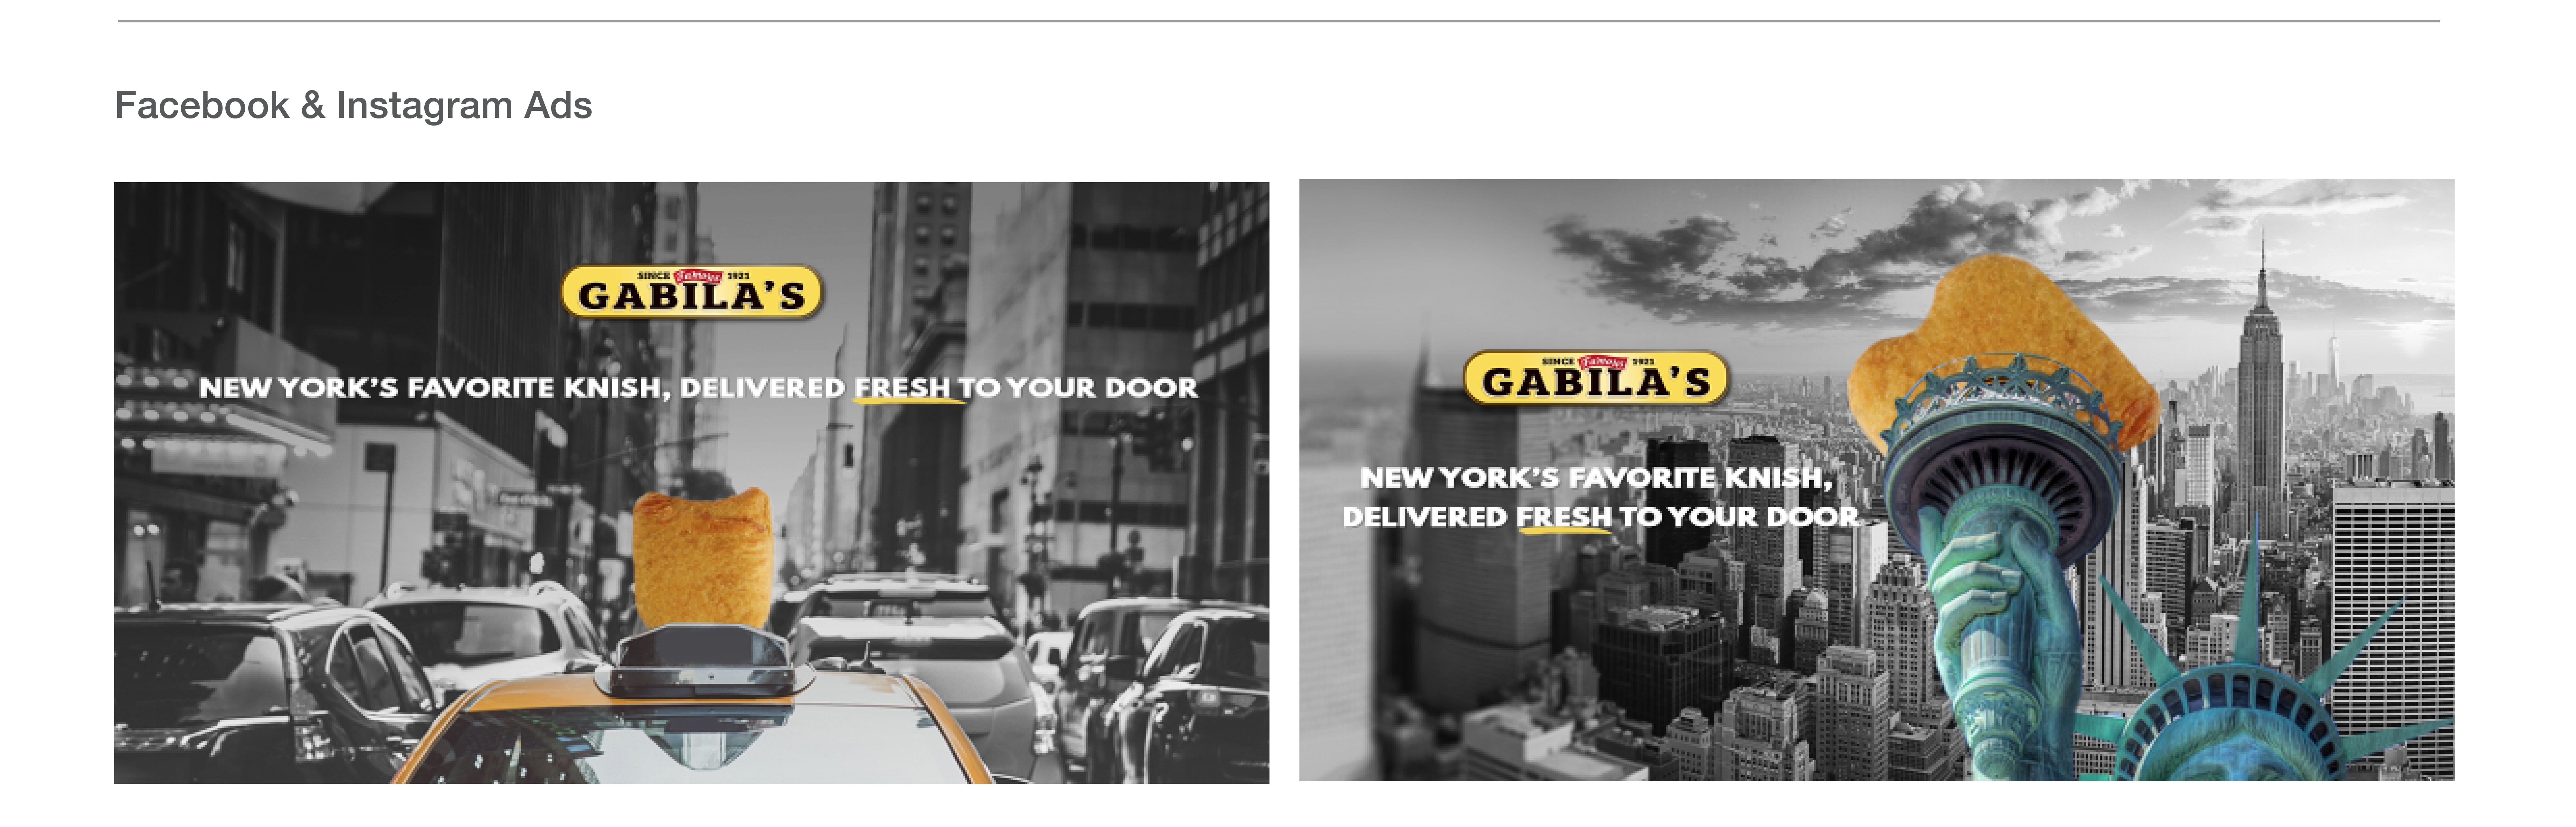 gabilas-portfolio-facebook-instagram ads-13-13